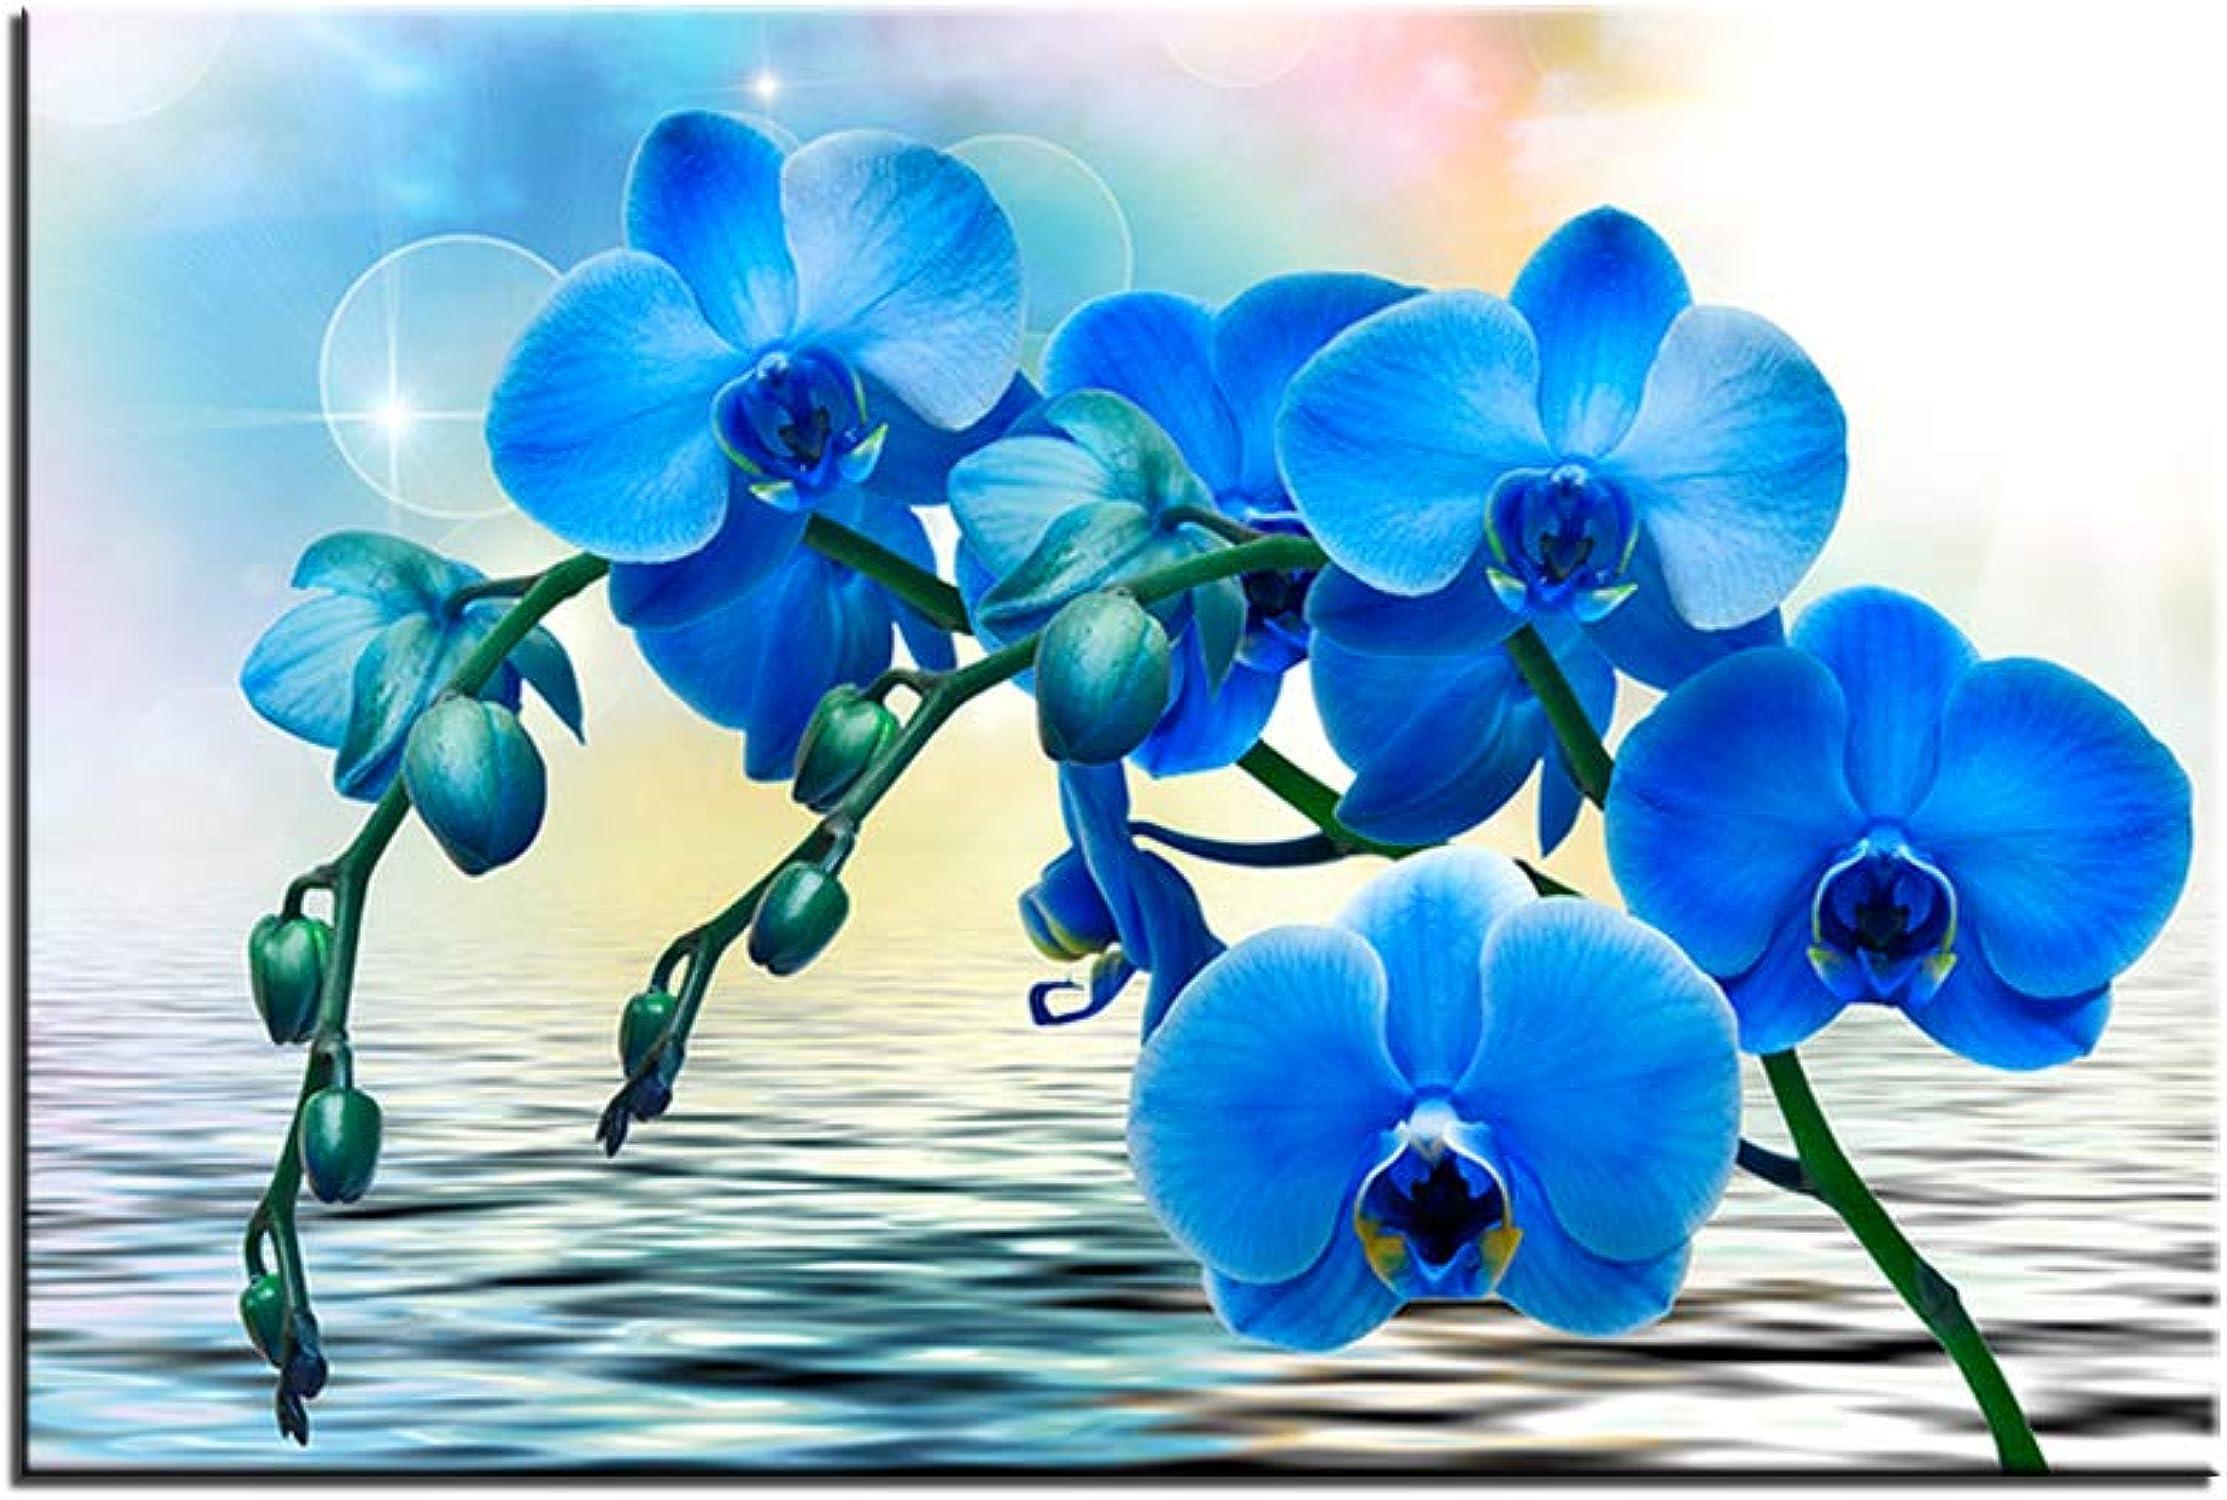 se descuenta Pinturas De Paisajes Lienzo Grabaños HD Azul Azul Azul Acuarela Flores Cuadros Modulares Arte De La Parojo Cartel Decorativo (con Marco,50x70 cm) (con Marco,50x70 cm)  descuentos y mas